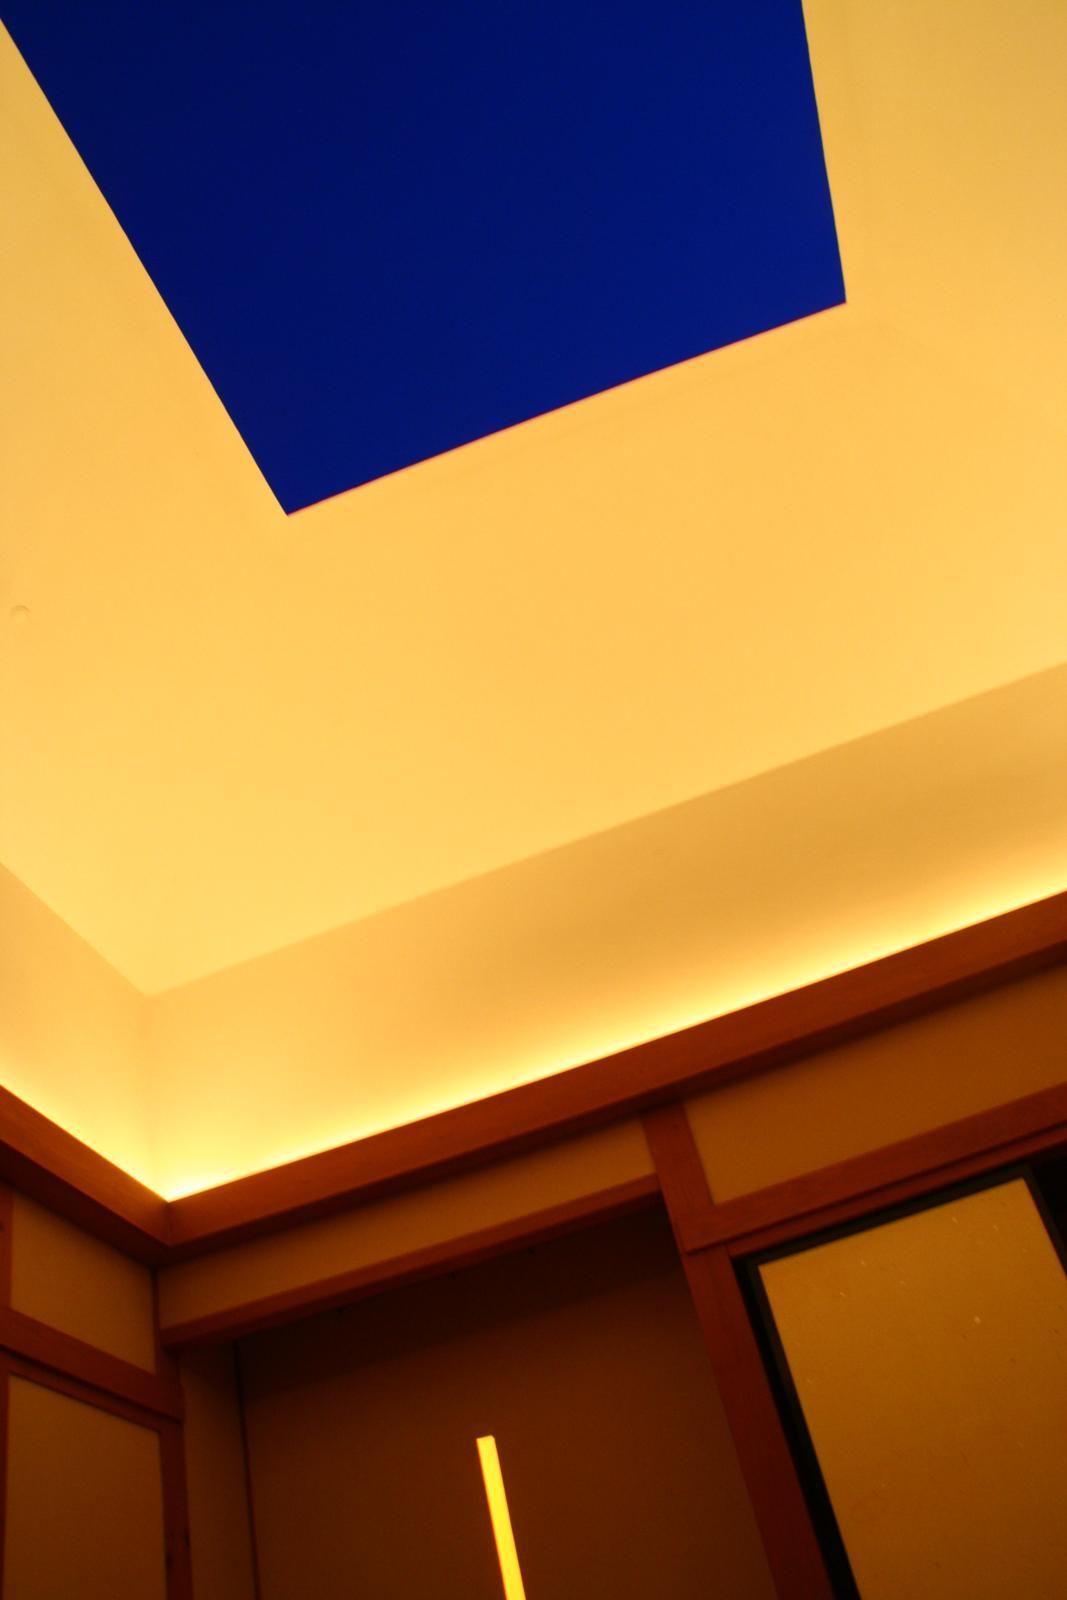 アーティスト&建築:ジェームズ・タレル 「アウトサイドイン」 http://www11.ocn.ne.jp/~jthikari/